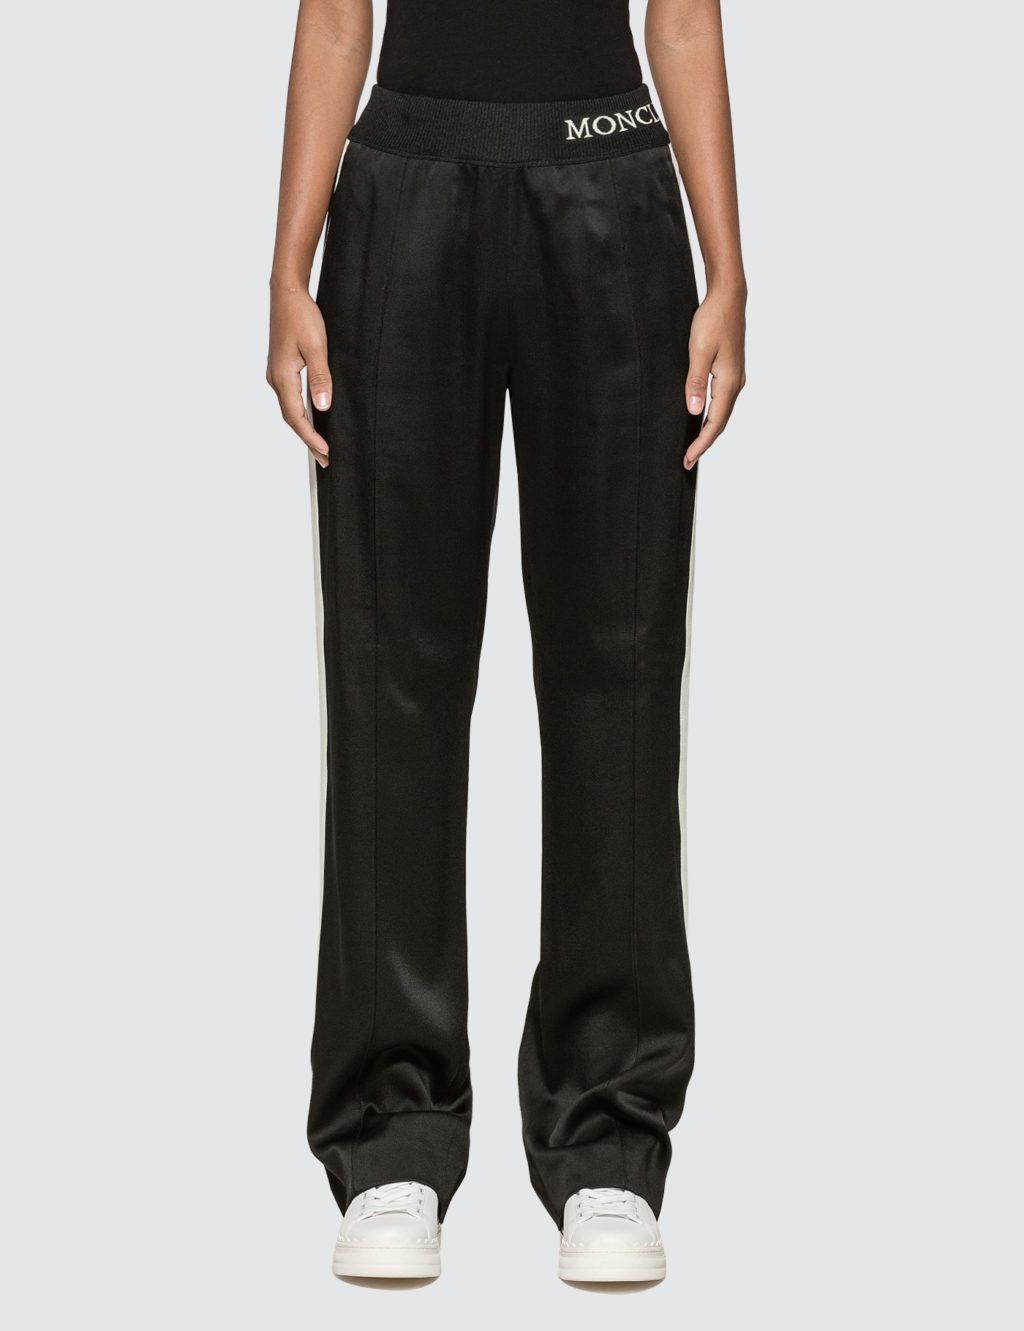 Moncler Pantalone Pants